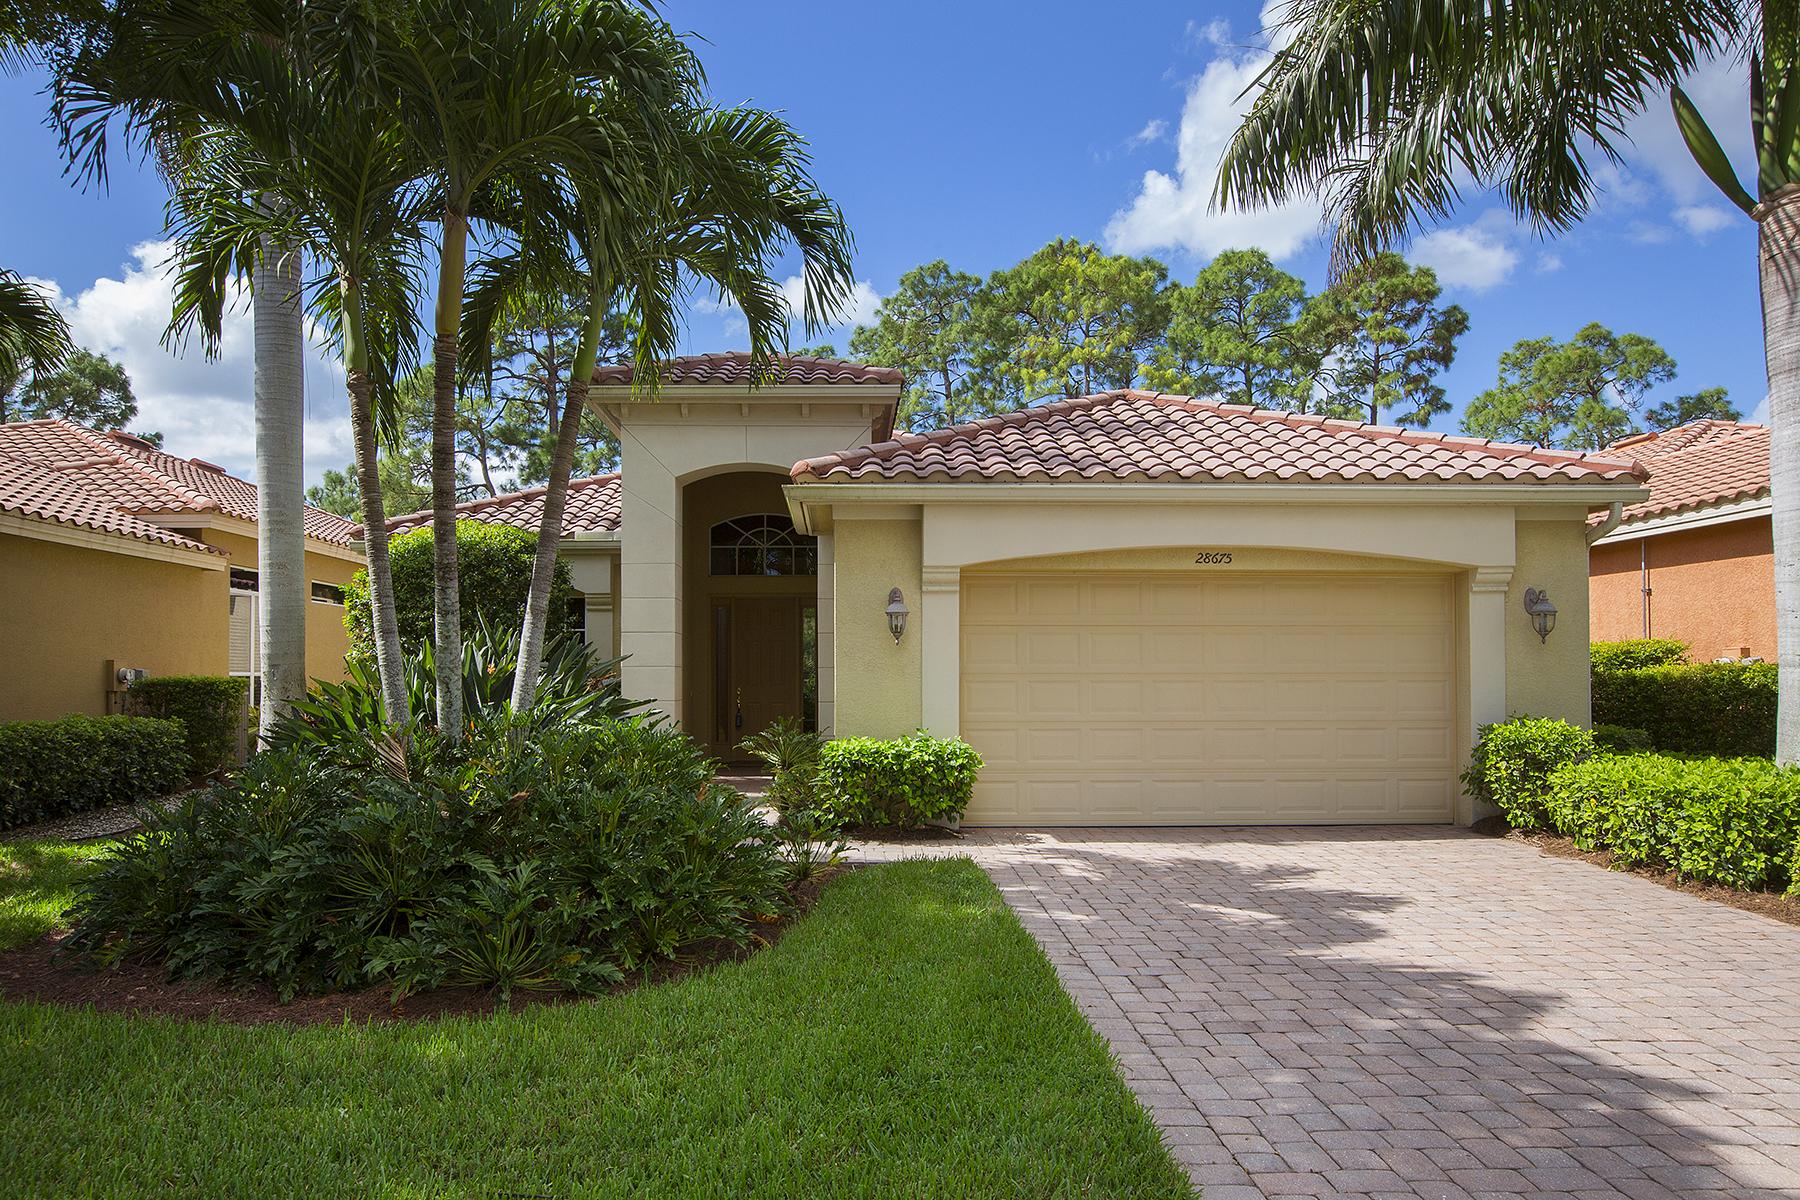 Casa Unifamiliar por un Venta en VASARI - PIENZA 28675 Pienza Ct, Bonita Springs, Florida 34135 Estados Unidos